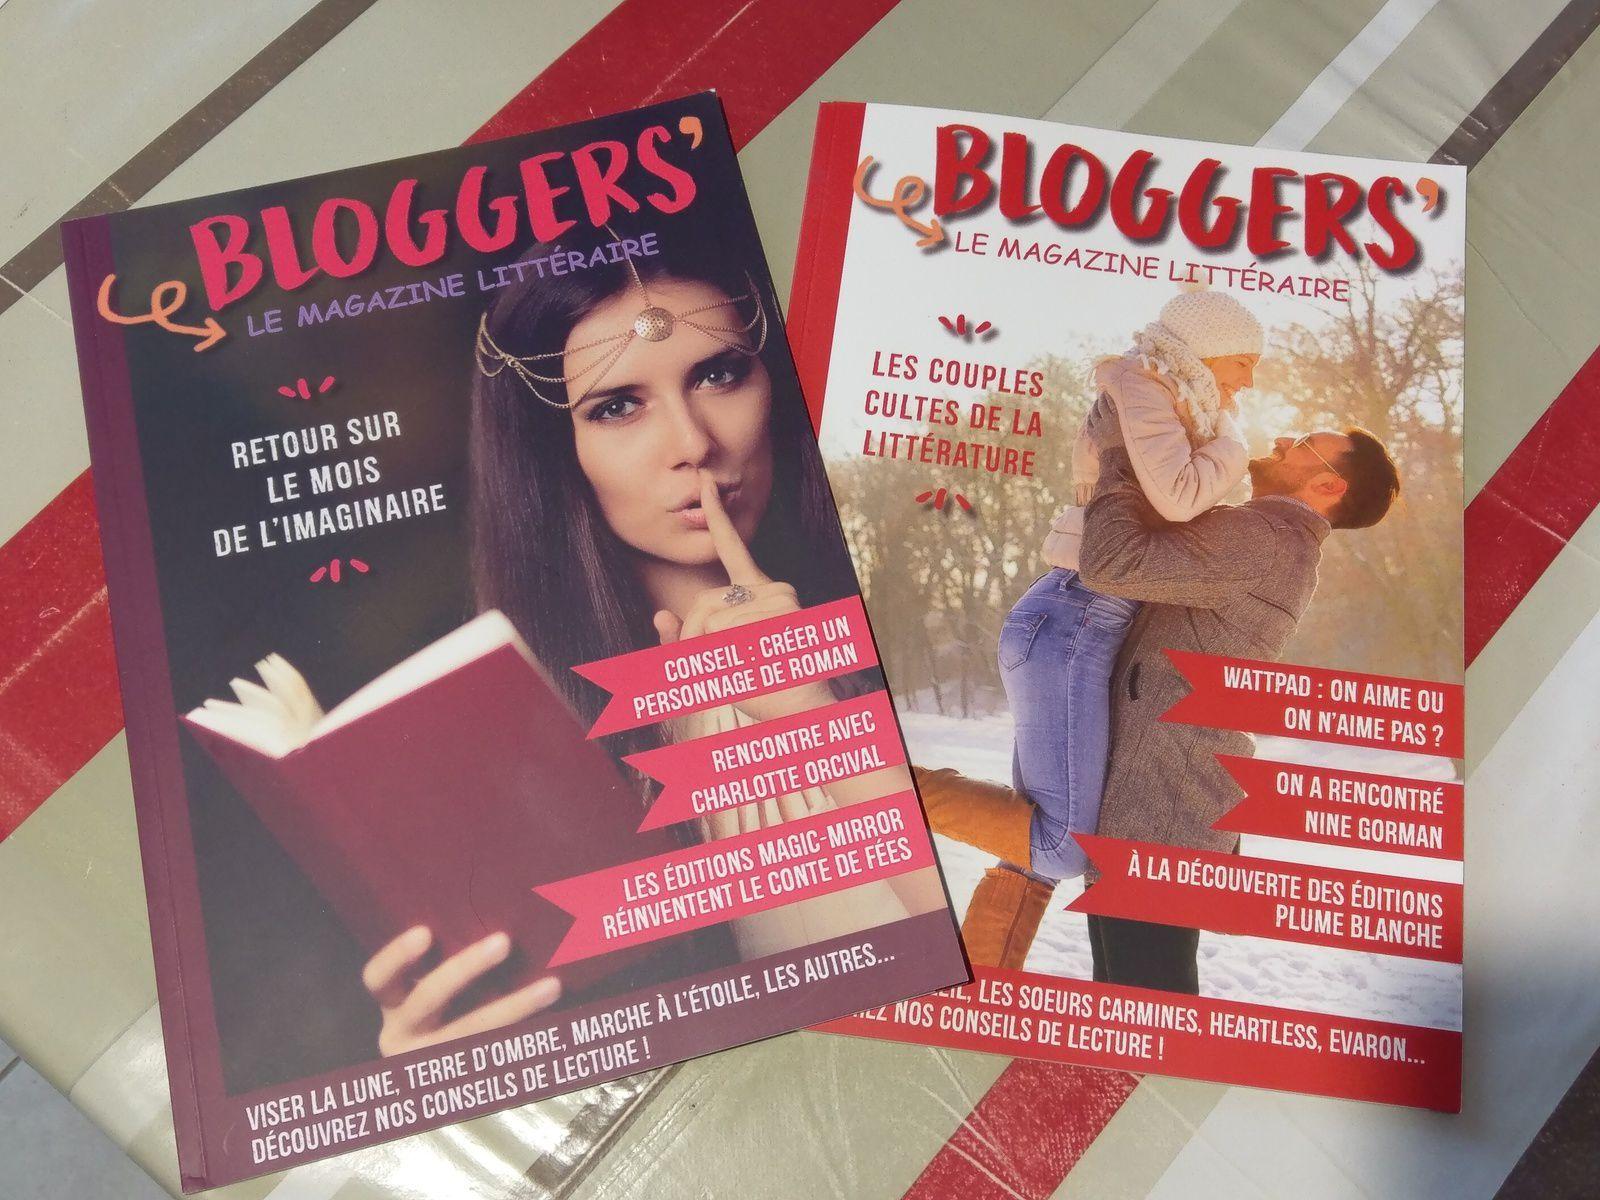 Bloggers', le magazine littéraire